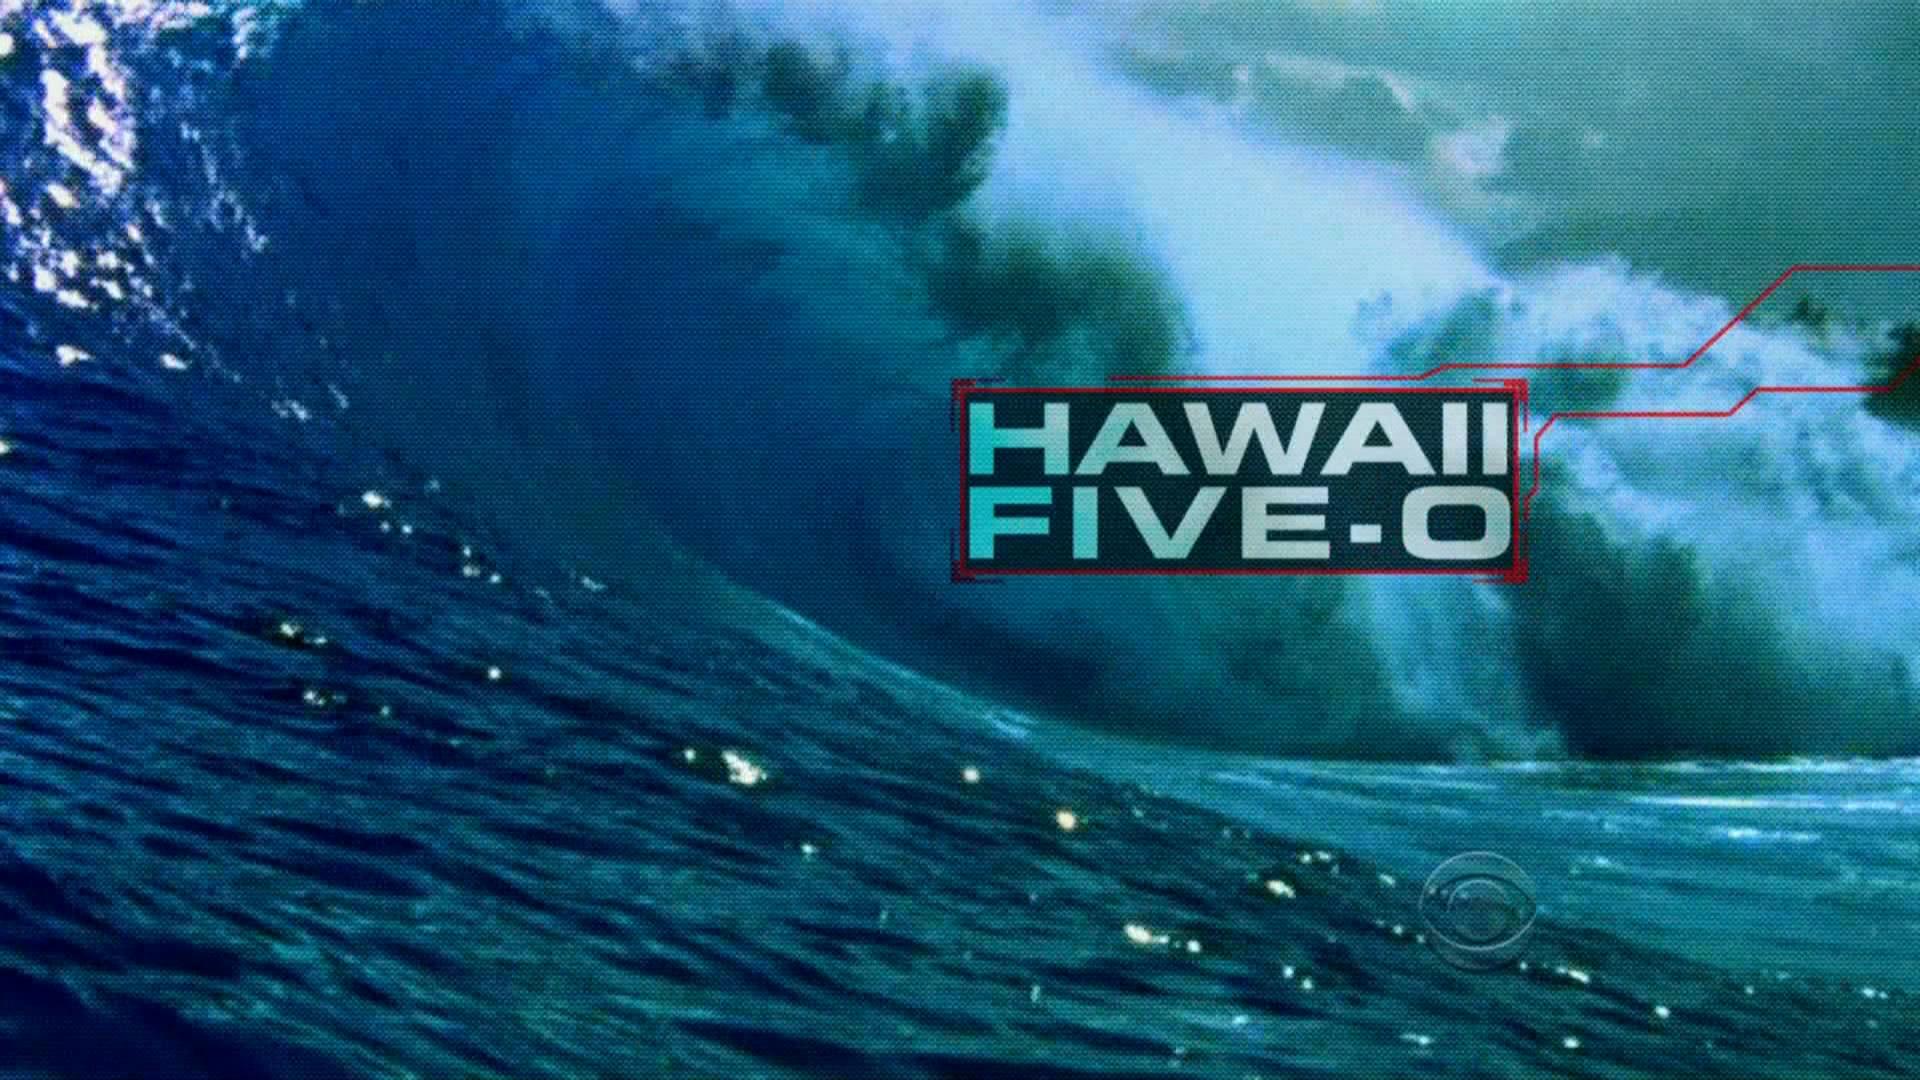 """Hawaii Five O Wallpaper: IMCDb.org: """"Hawaii Five-0, 2010-2018"""": Cars, Bikes, Trucks"""